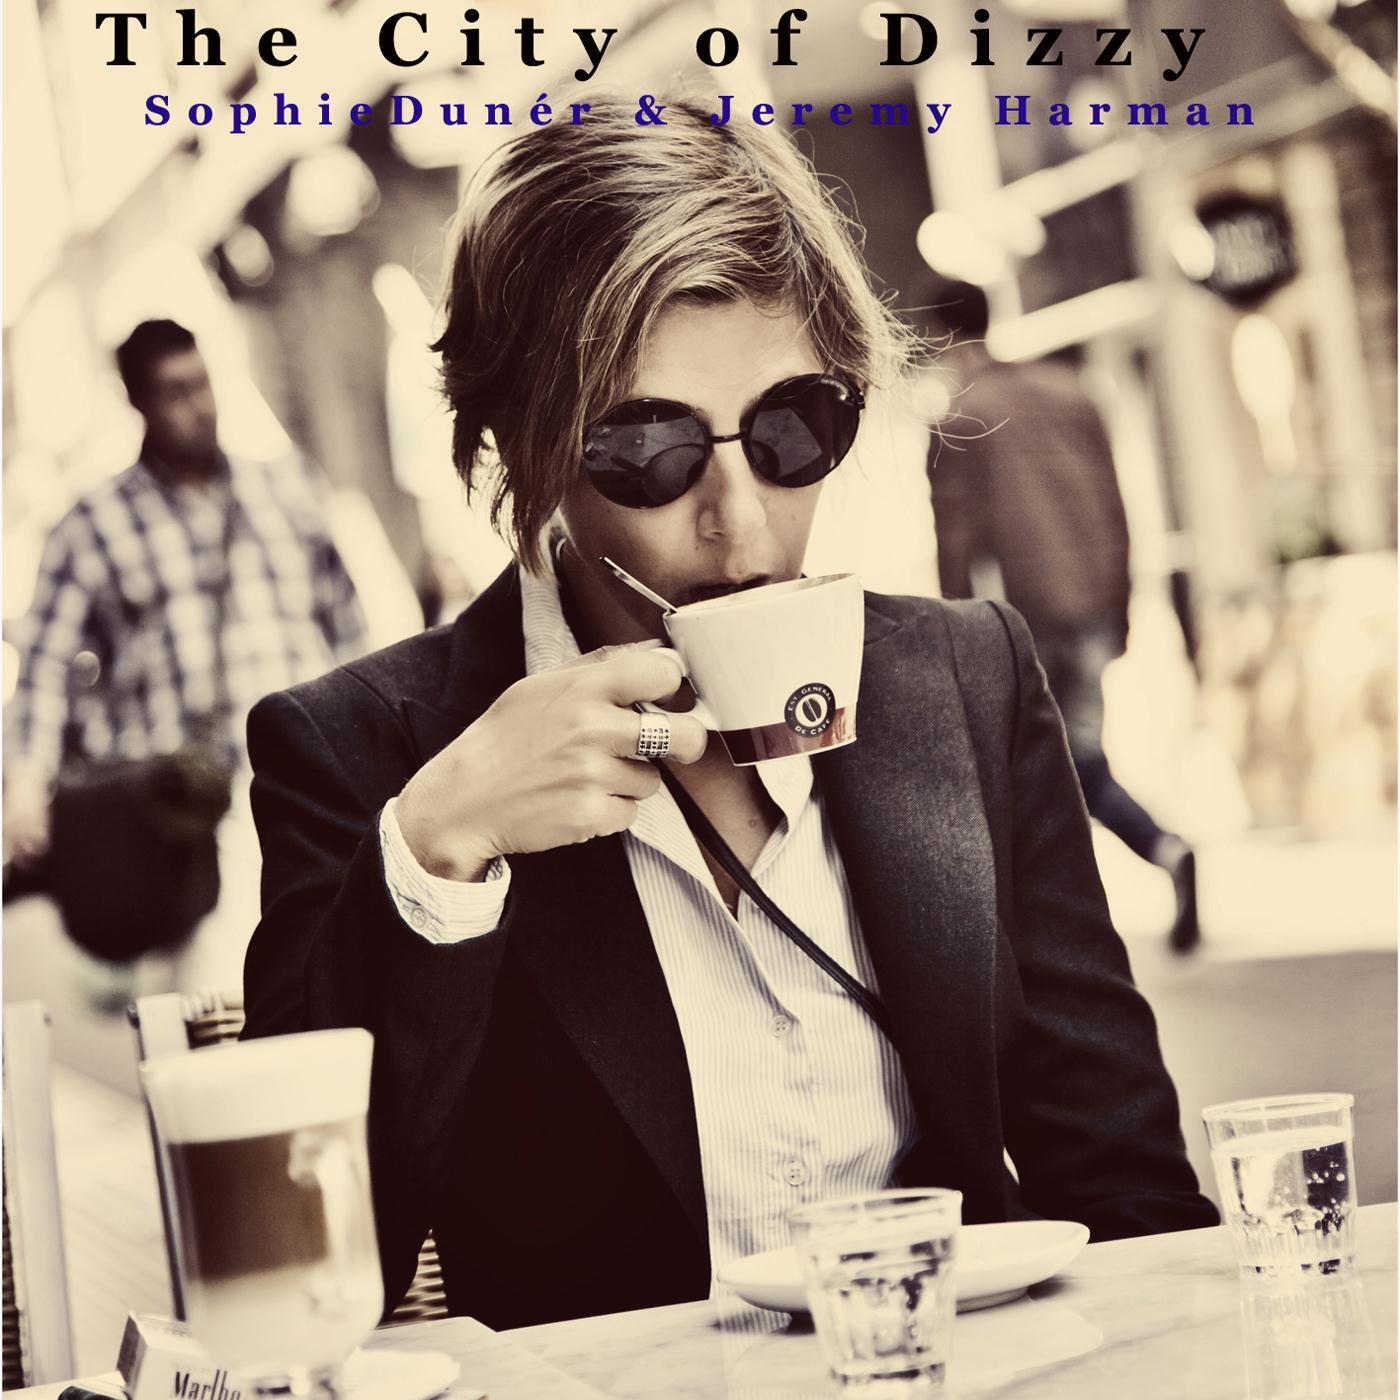 The City of Dizzy